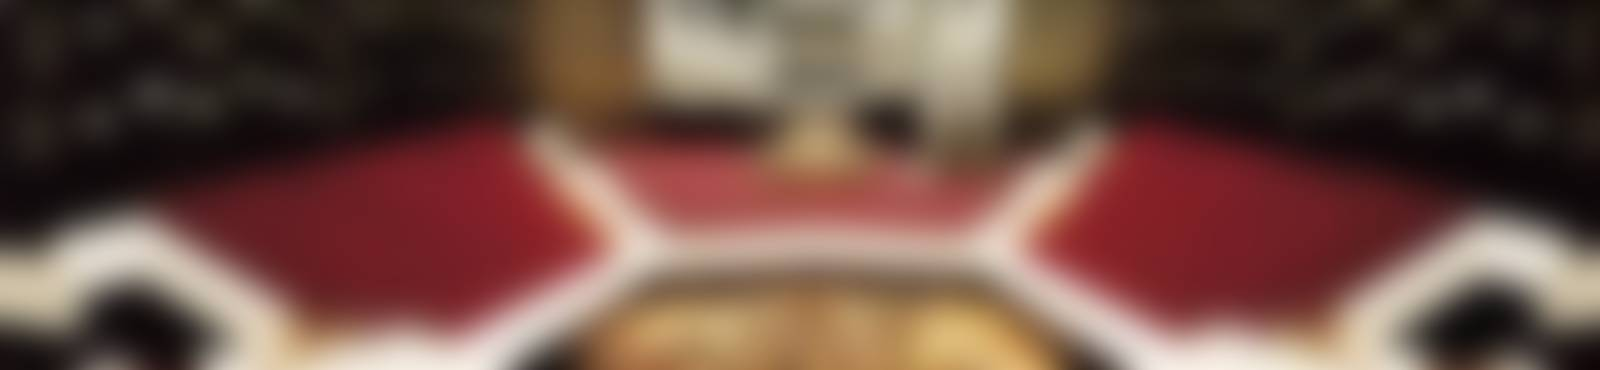 Blurred web gewandhaus zu leipzig grosser saal bach archiv leipzig web